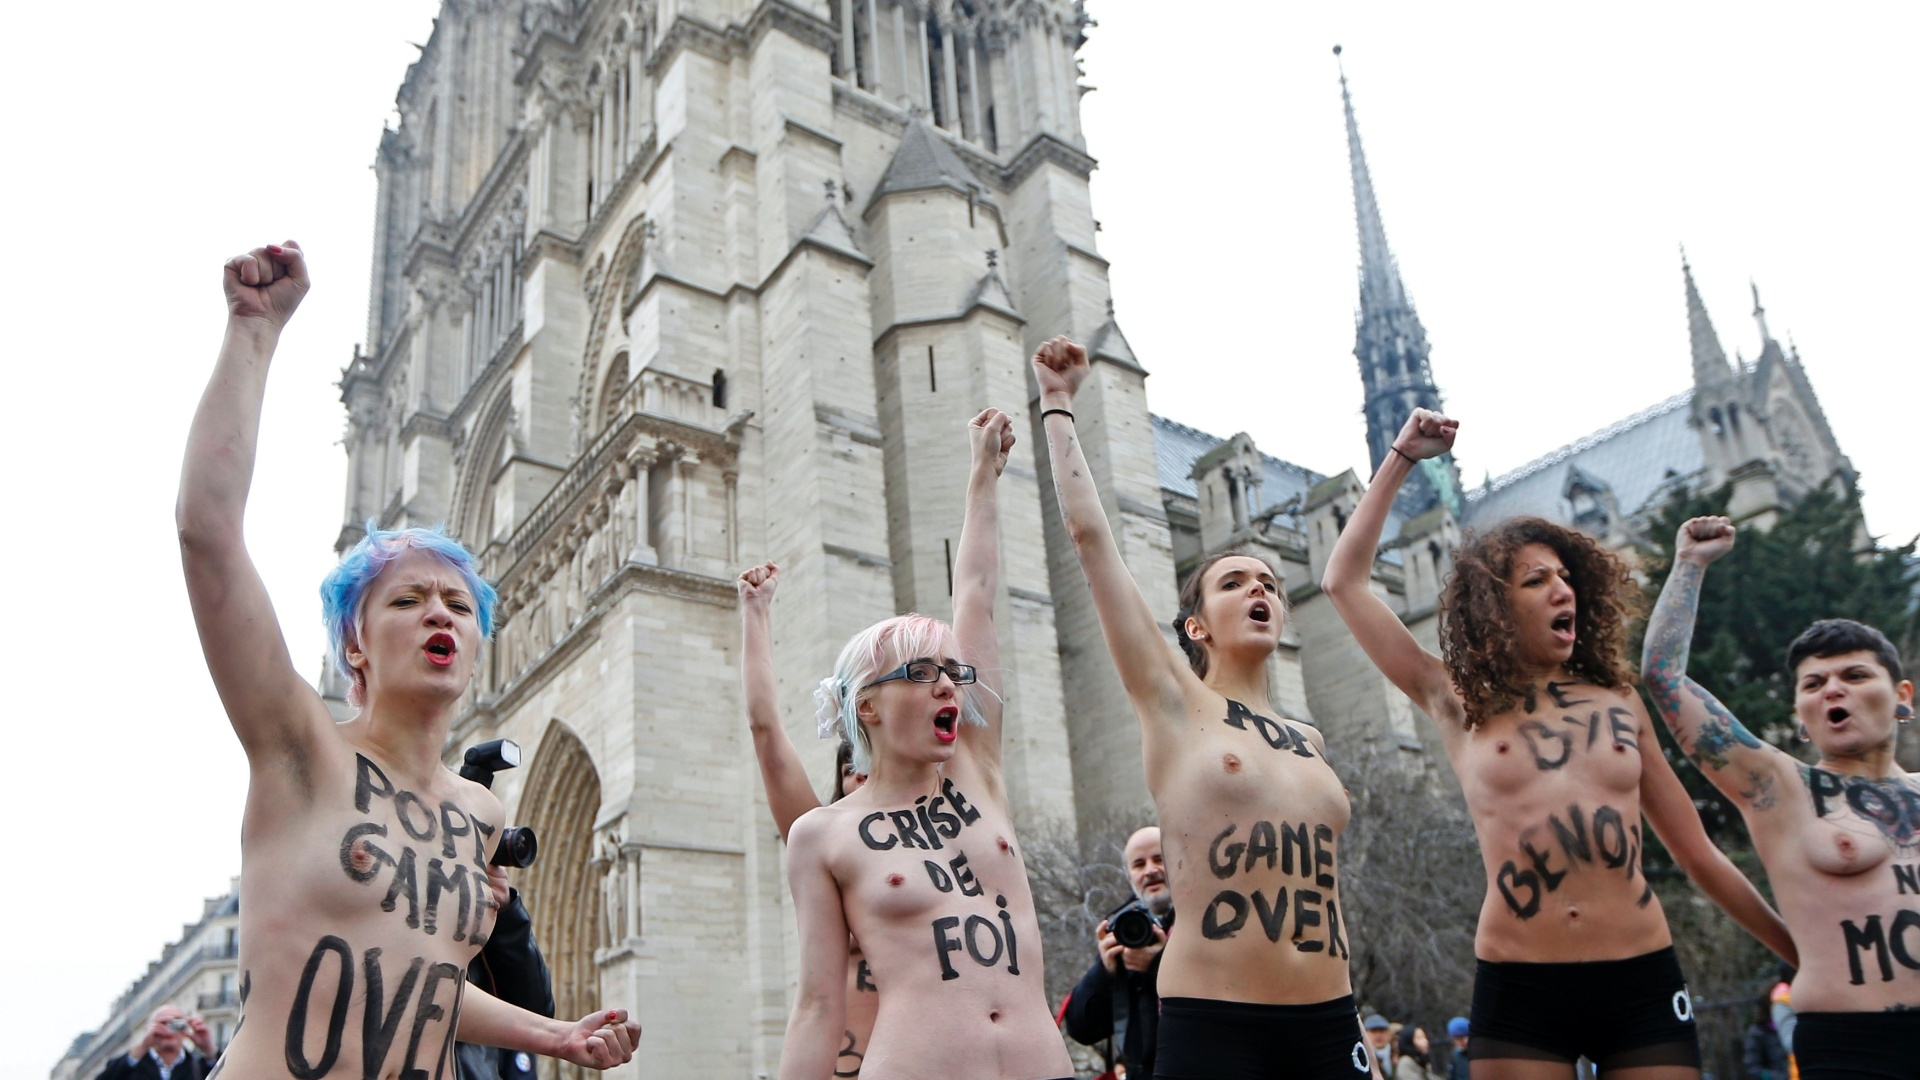 12.fev.2013 - Ativistas do Femen protestam em frente à Catedral de Notre-Dame, em Paris (França), para celebrar a renúncia do papa Bento 16 e a decisão do Parlamento francês de aprovar proposta de lei que permite o casamento homossexual